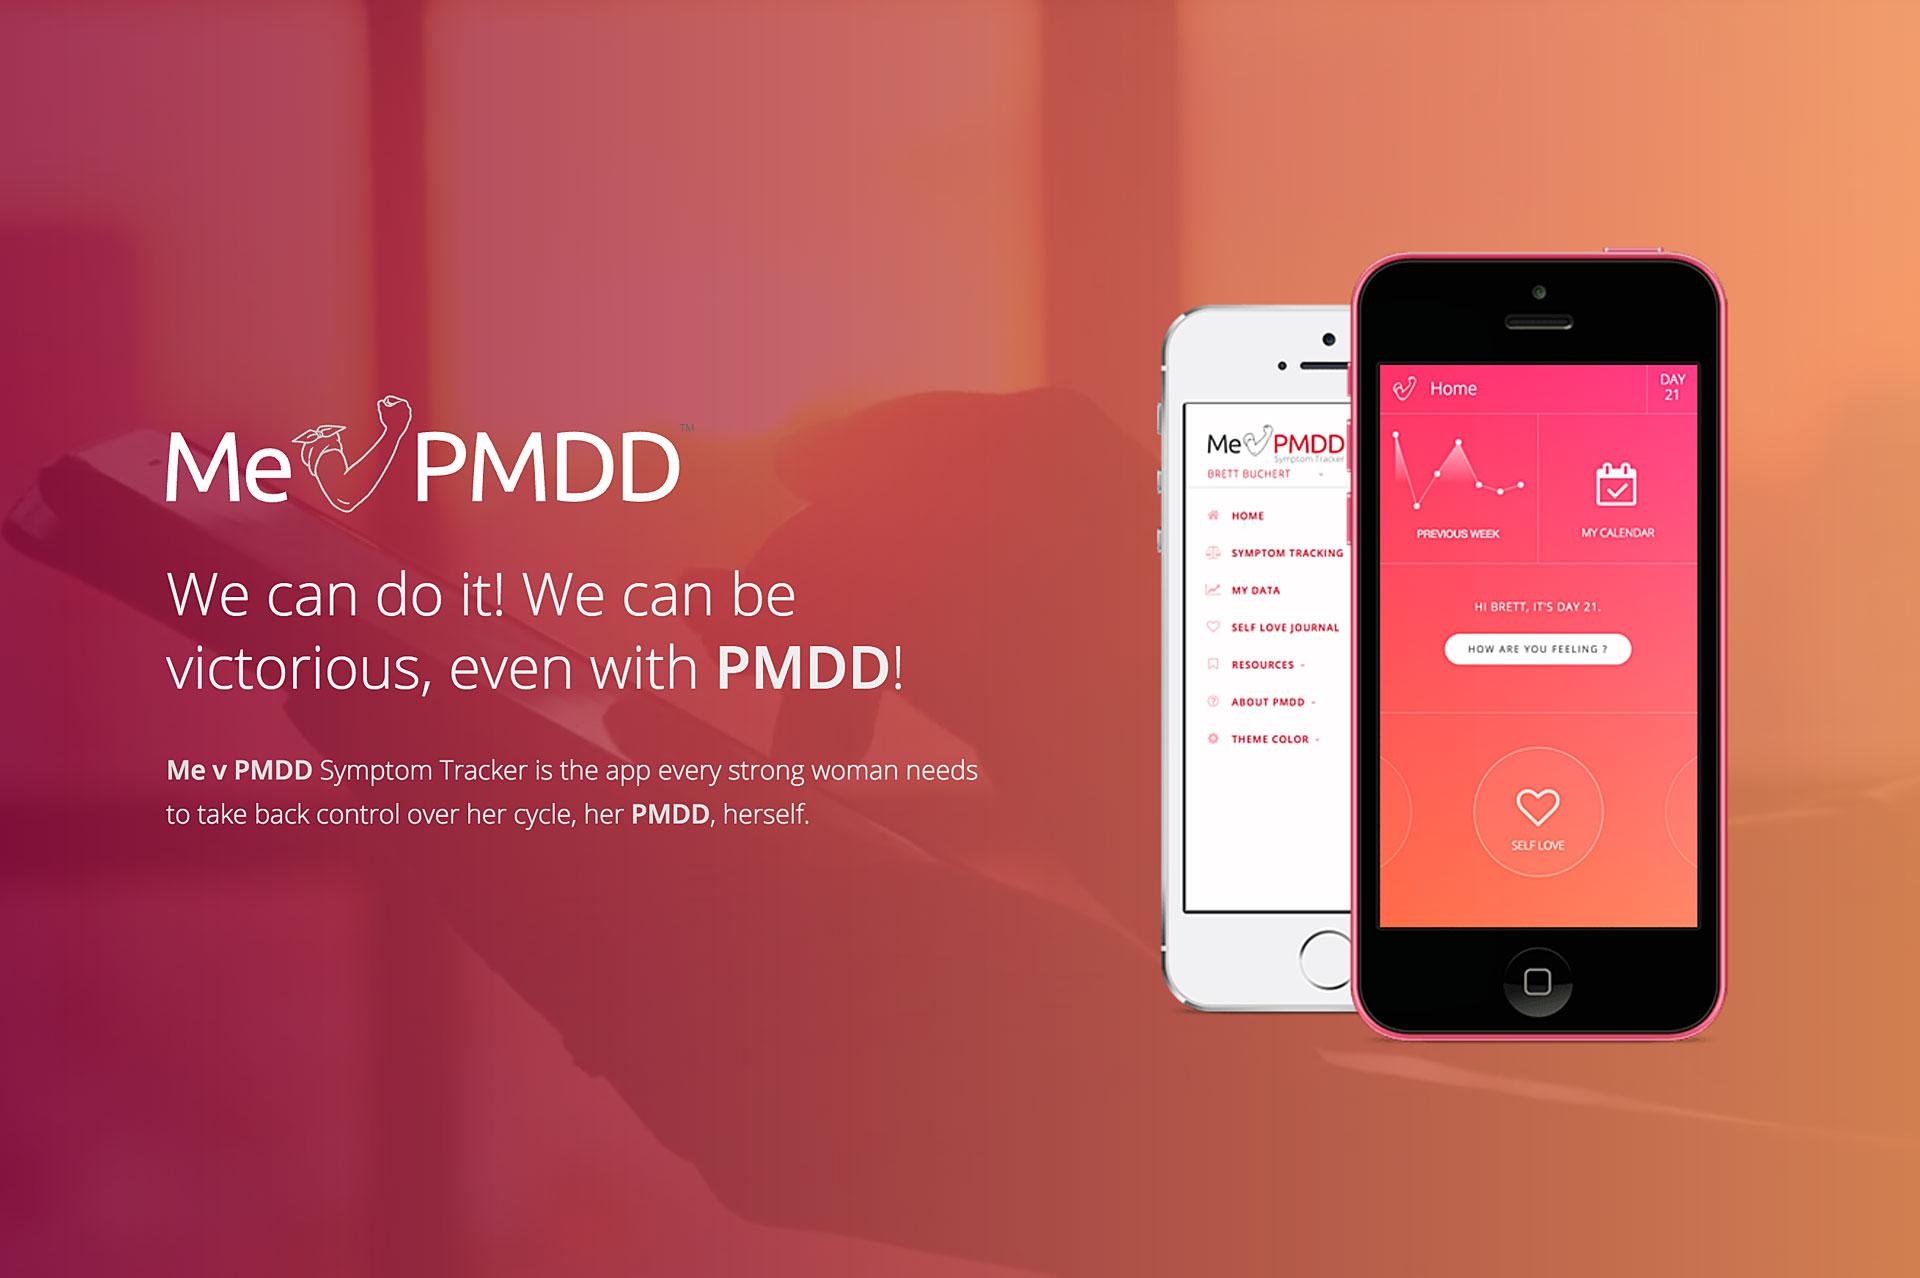 Me v PMDD - Symptom Tracker